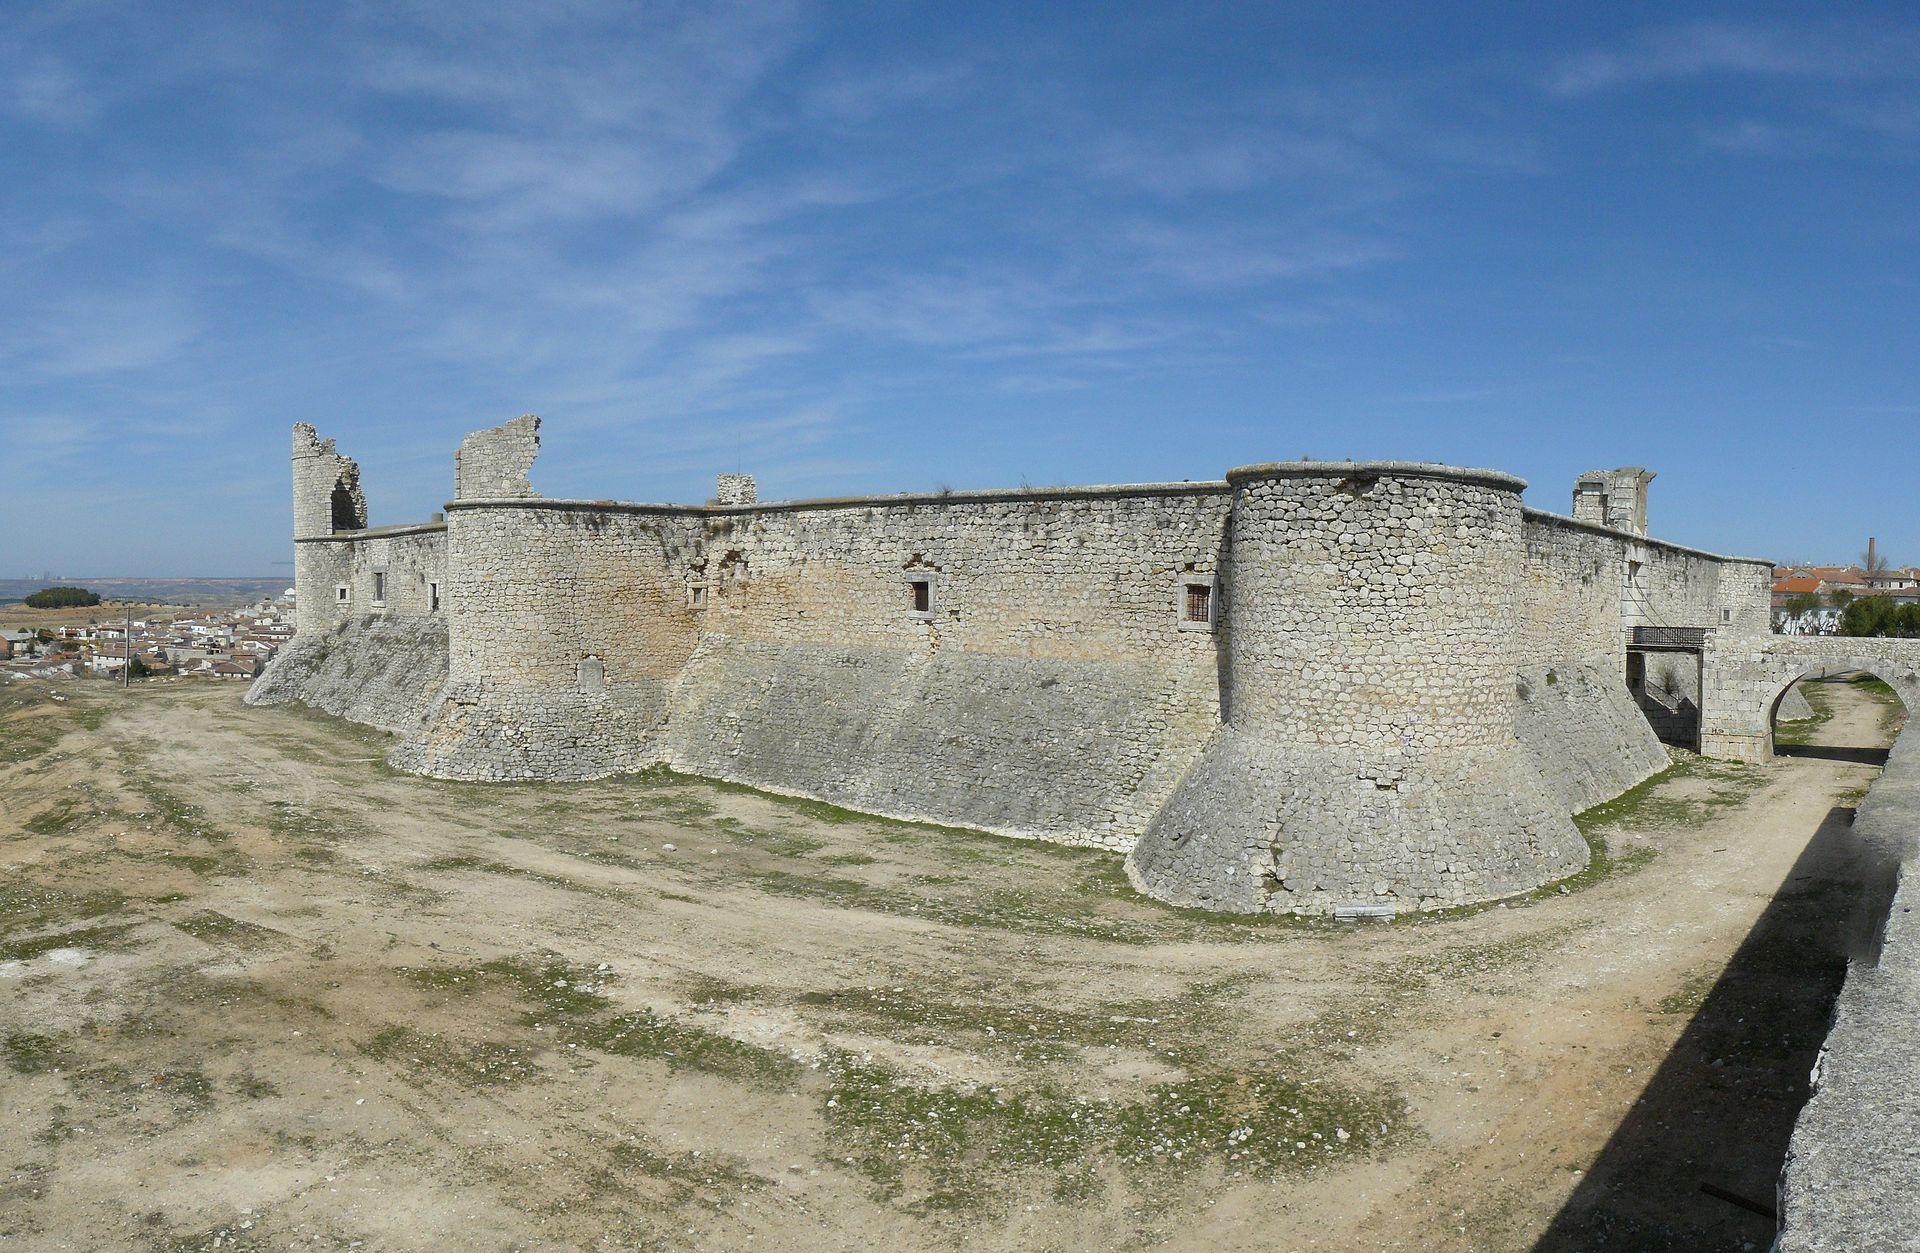 Fotos 360 (Parte 2) Castillo de Chinchón. #VidePan por #Madrid